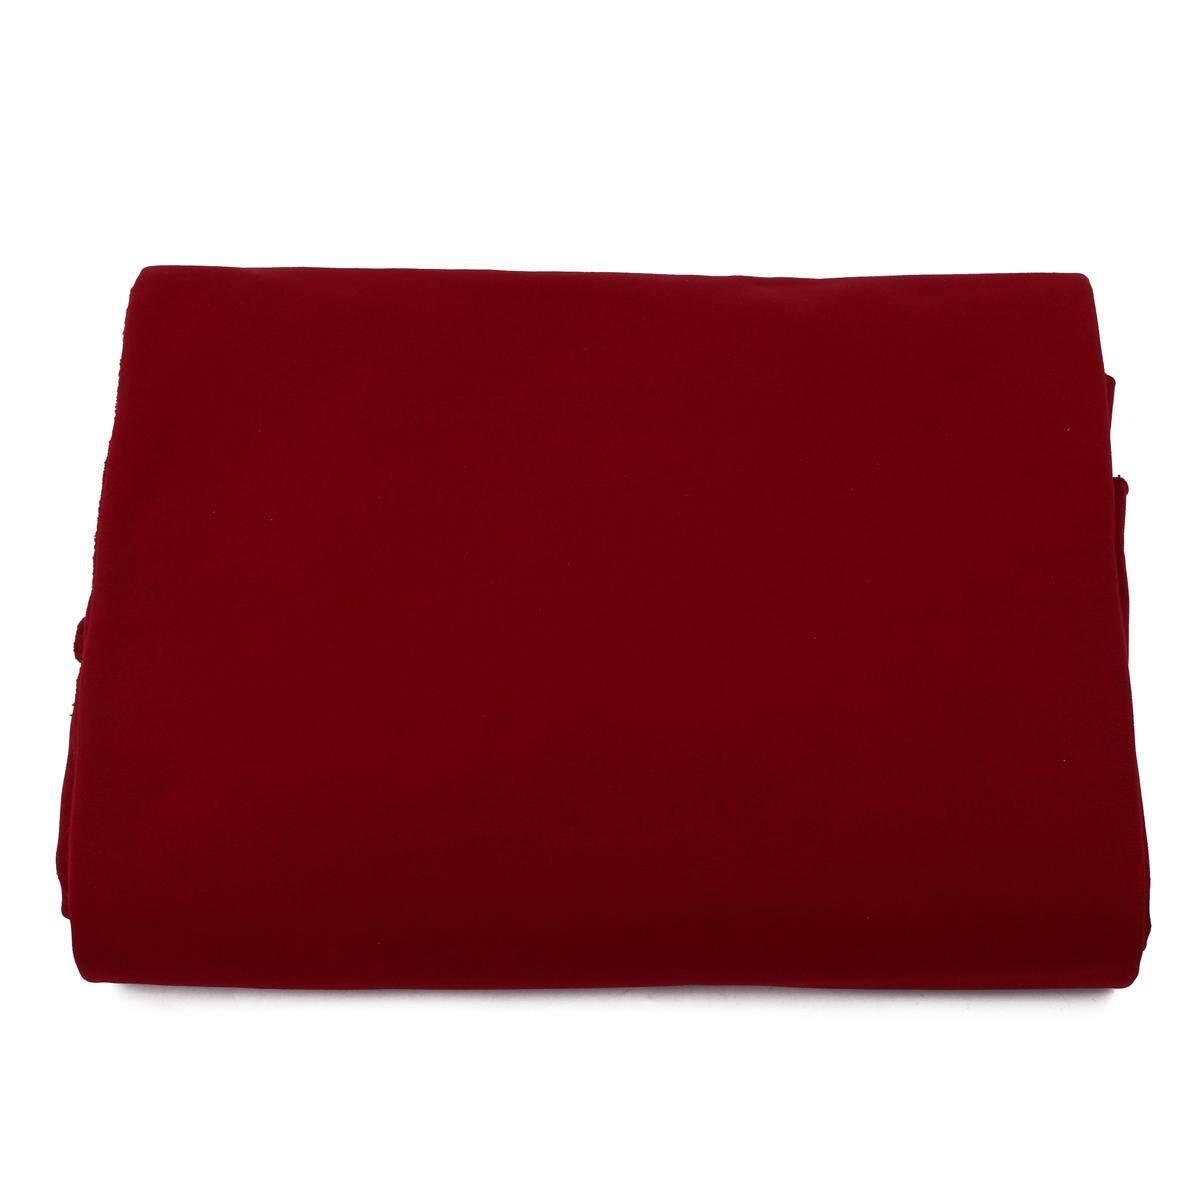 9ft (380cm)worsted Billiard Pool Table Cloth Billiard Felt With Cushion Rail By Channy.